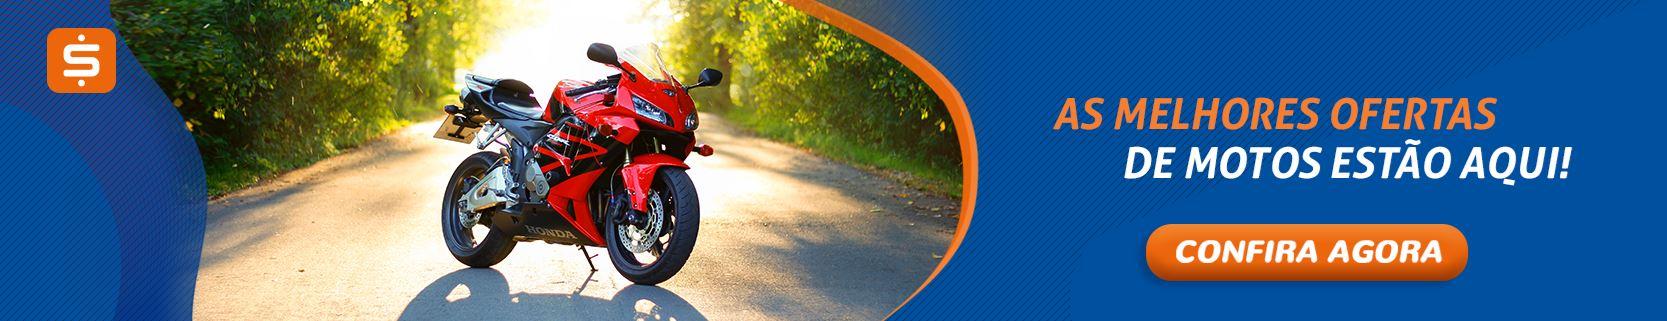 Categoria leilão de motos